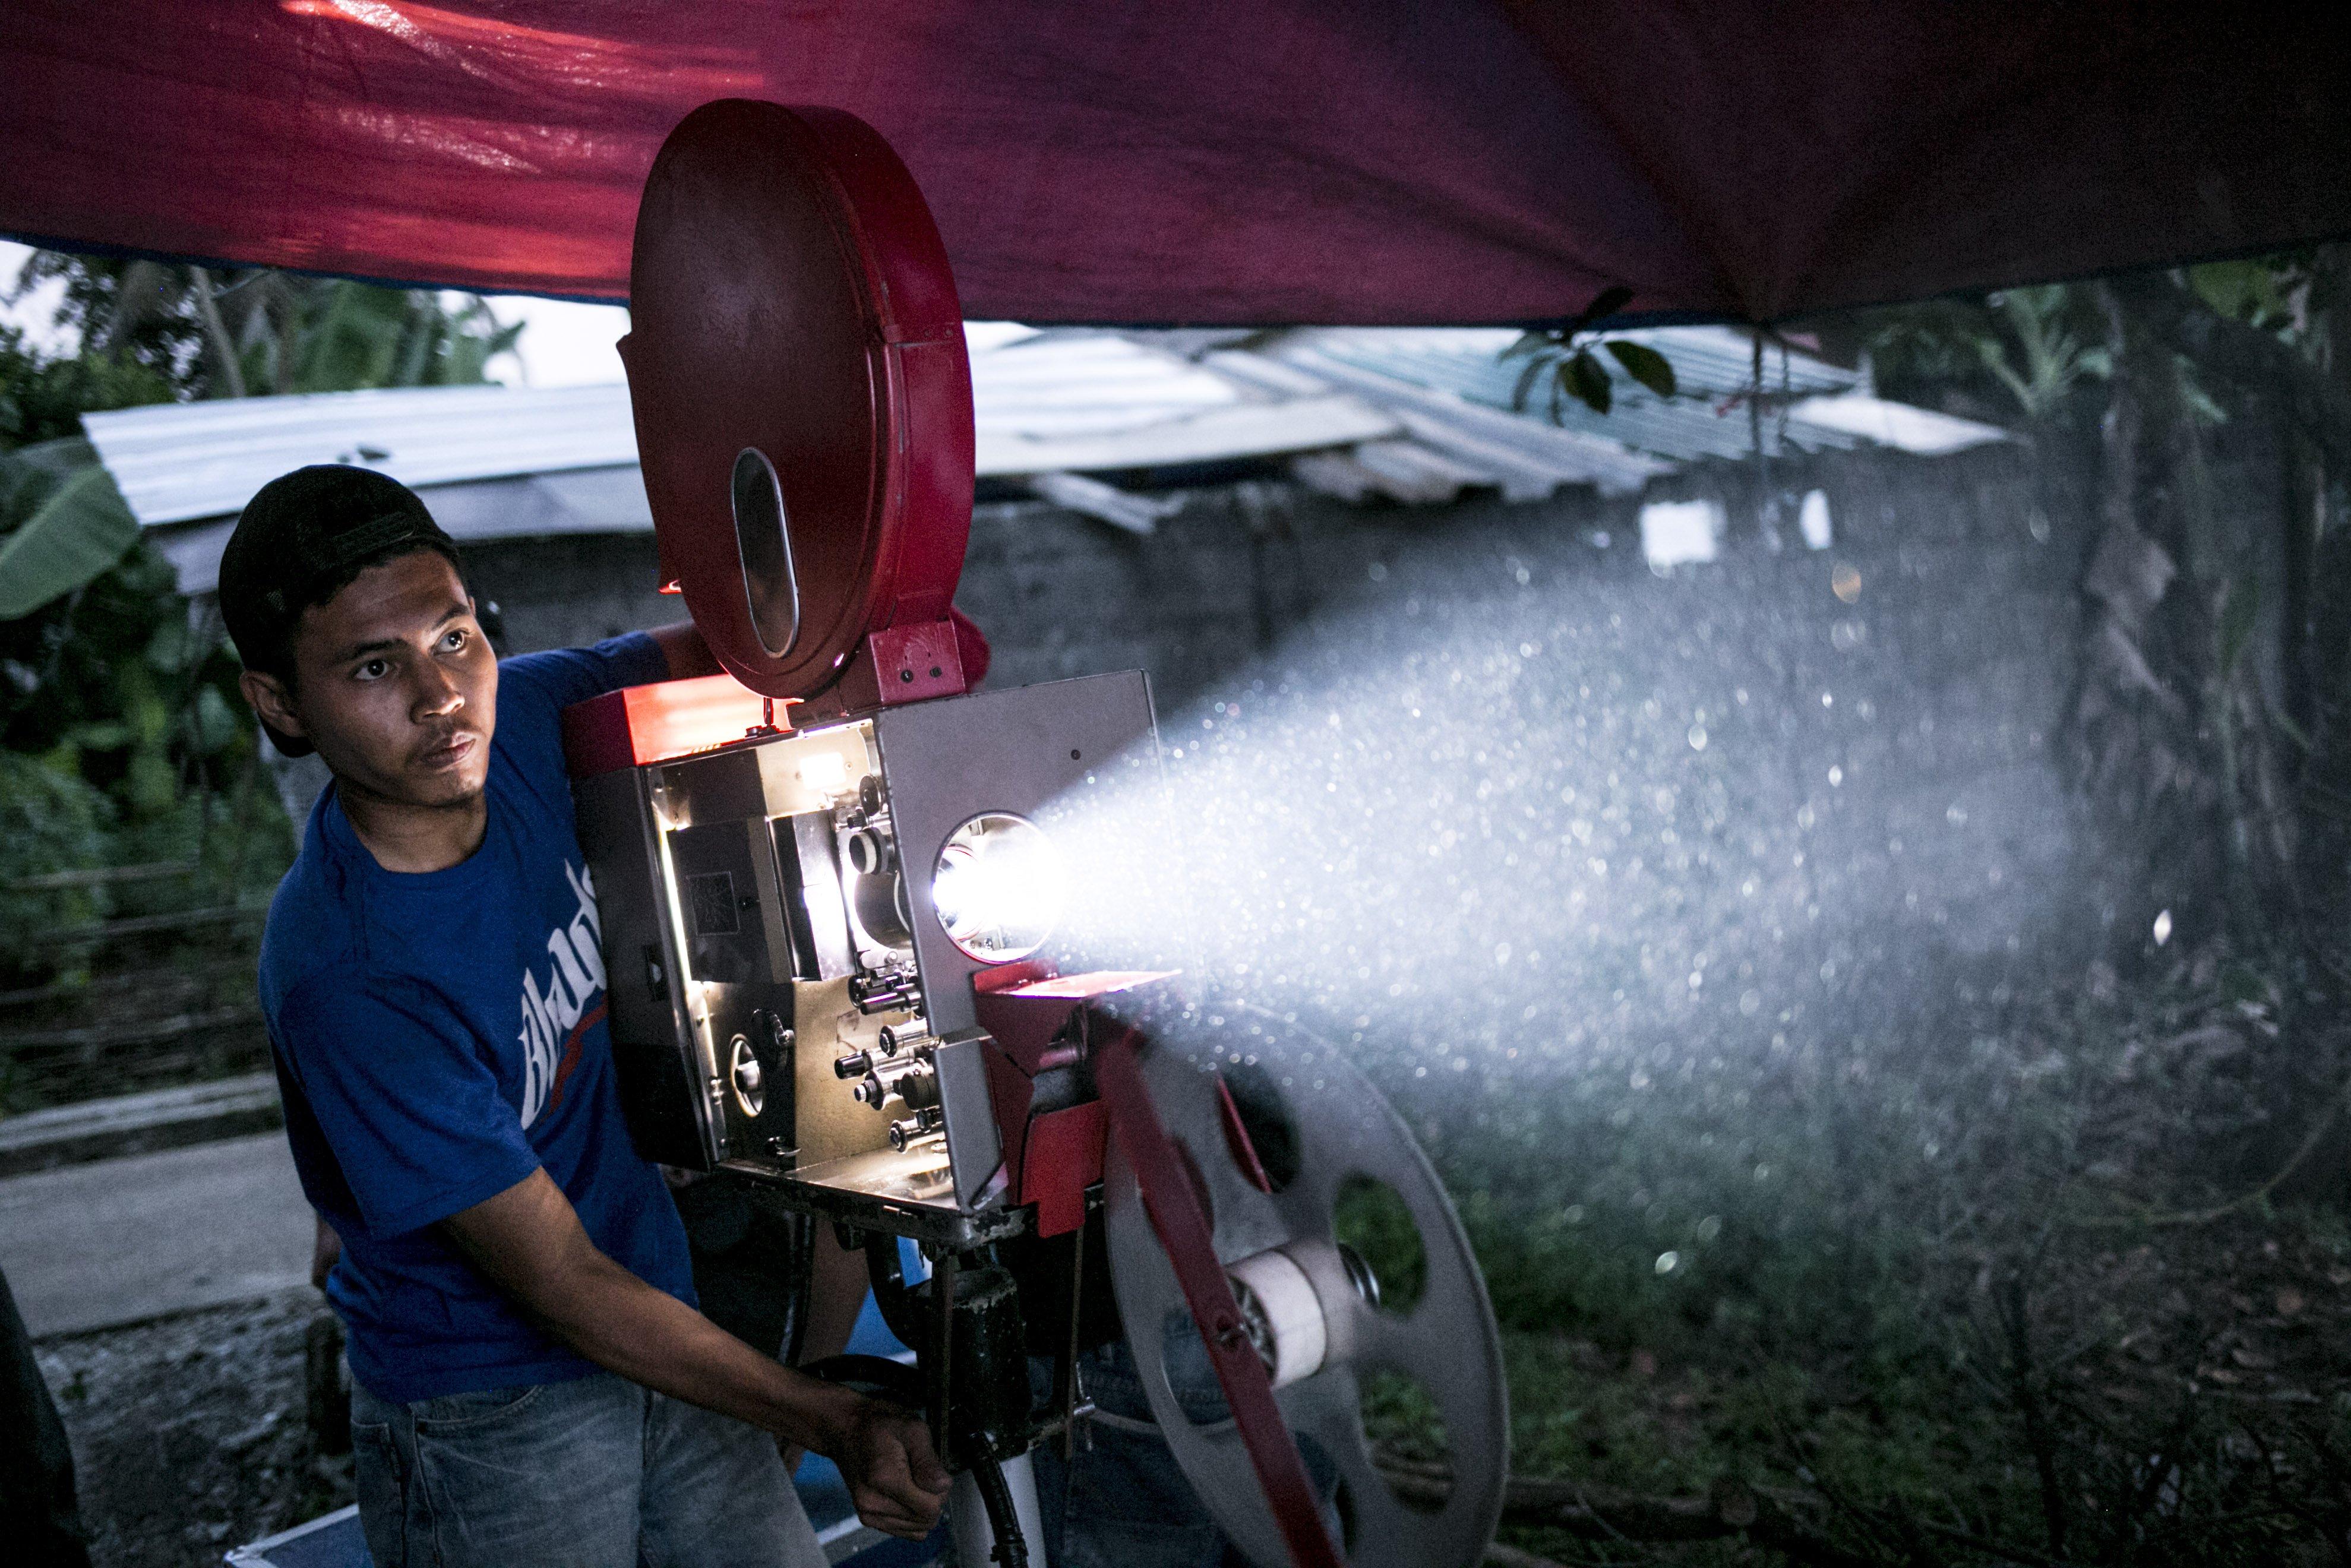 Teknisi mempersiapkan proyektor film 35mm untuk pemutaran layar tancap di Kawasan Sawangan, Depok, Jawa Barat, Sabtu (11/7/2020).